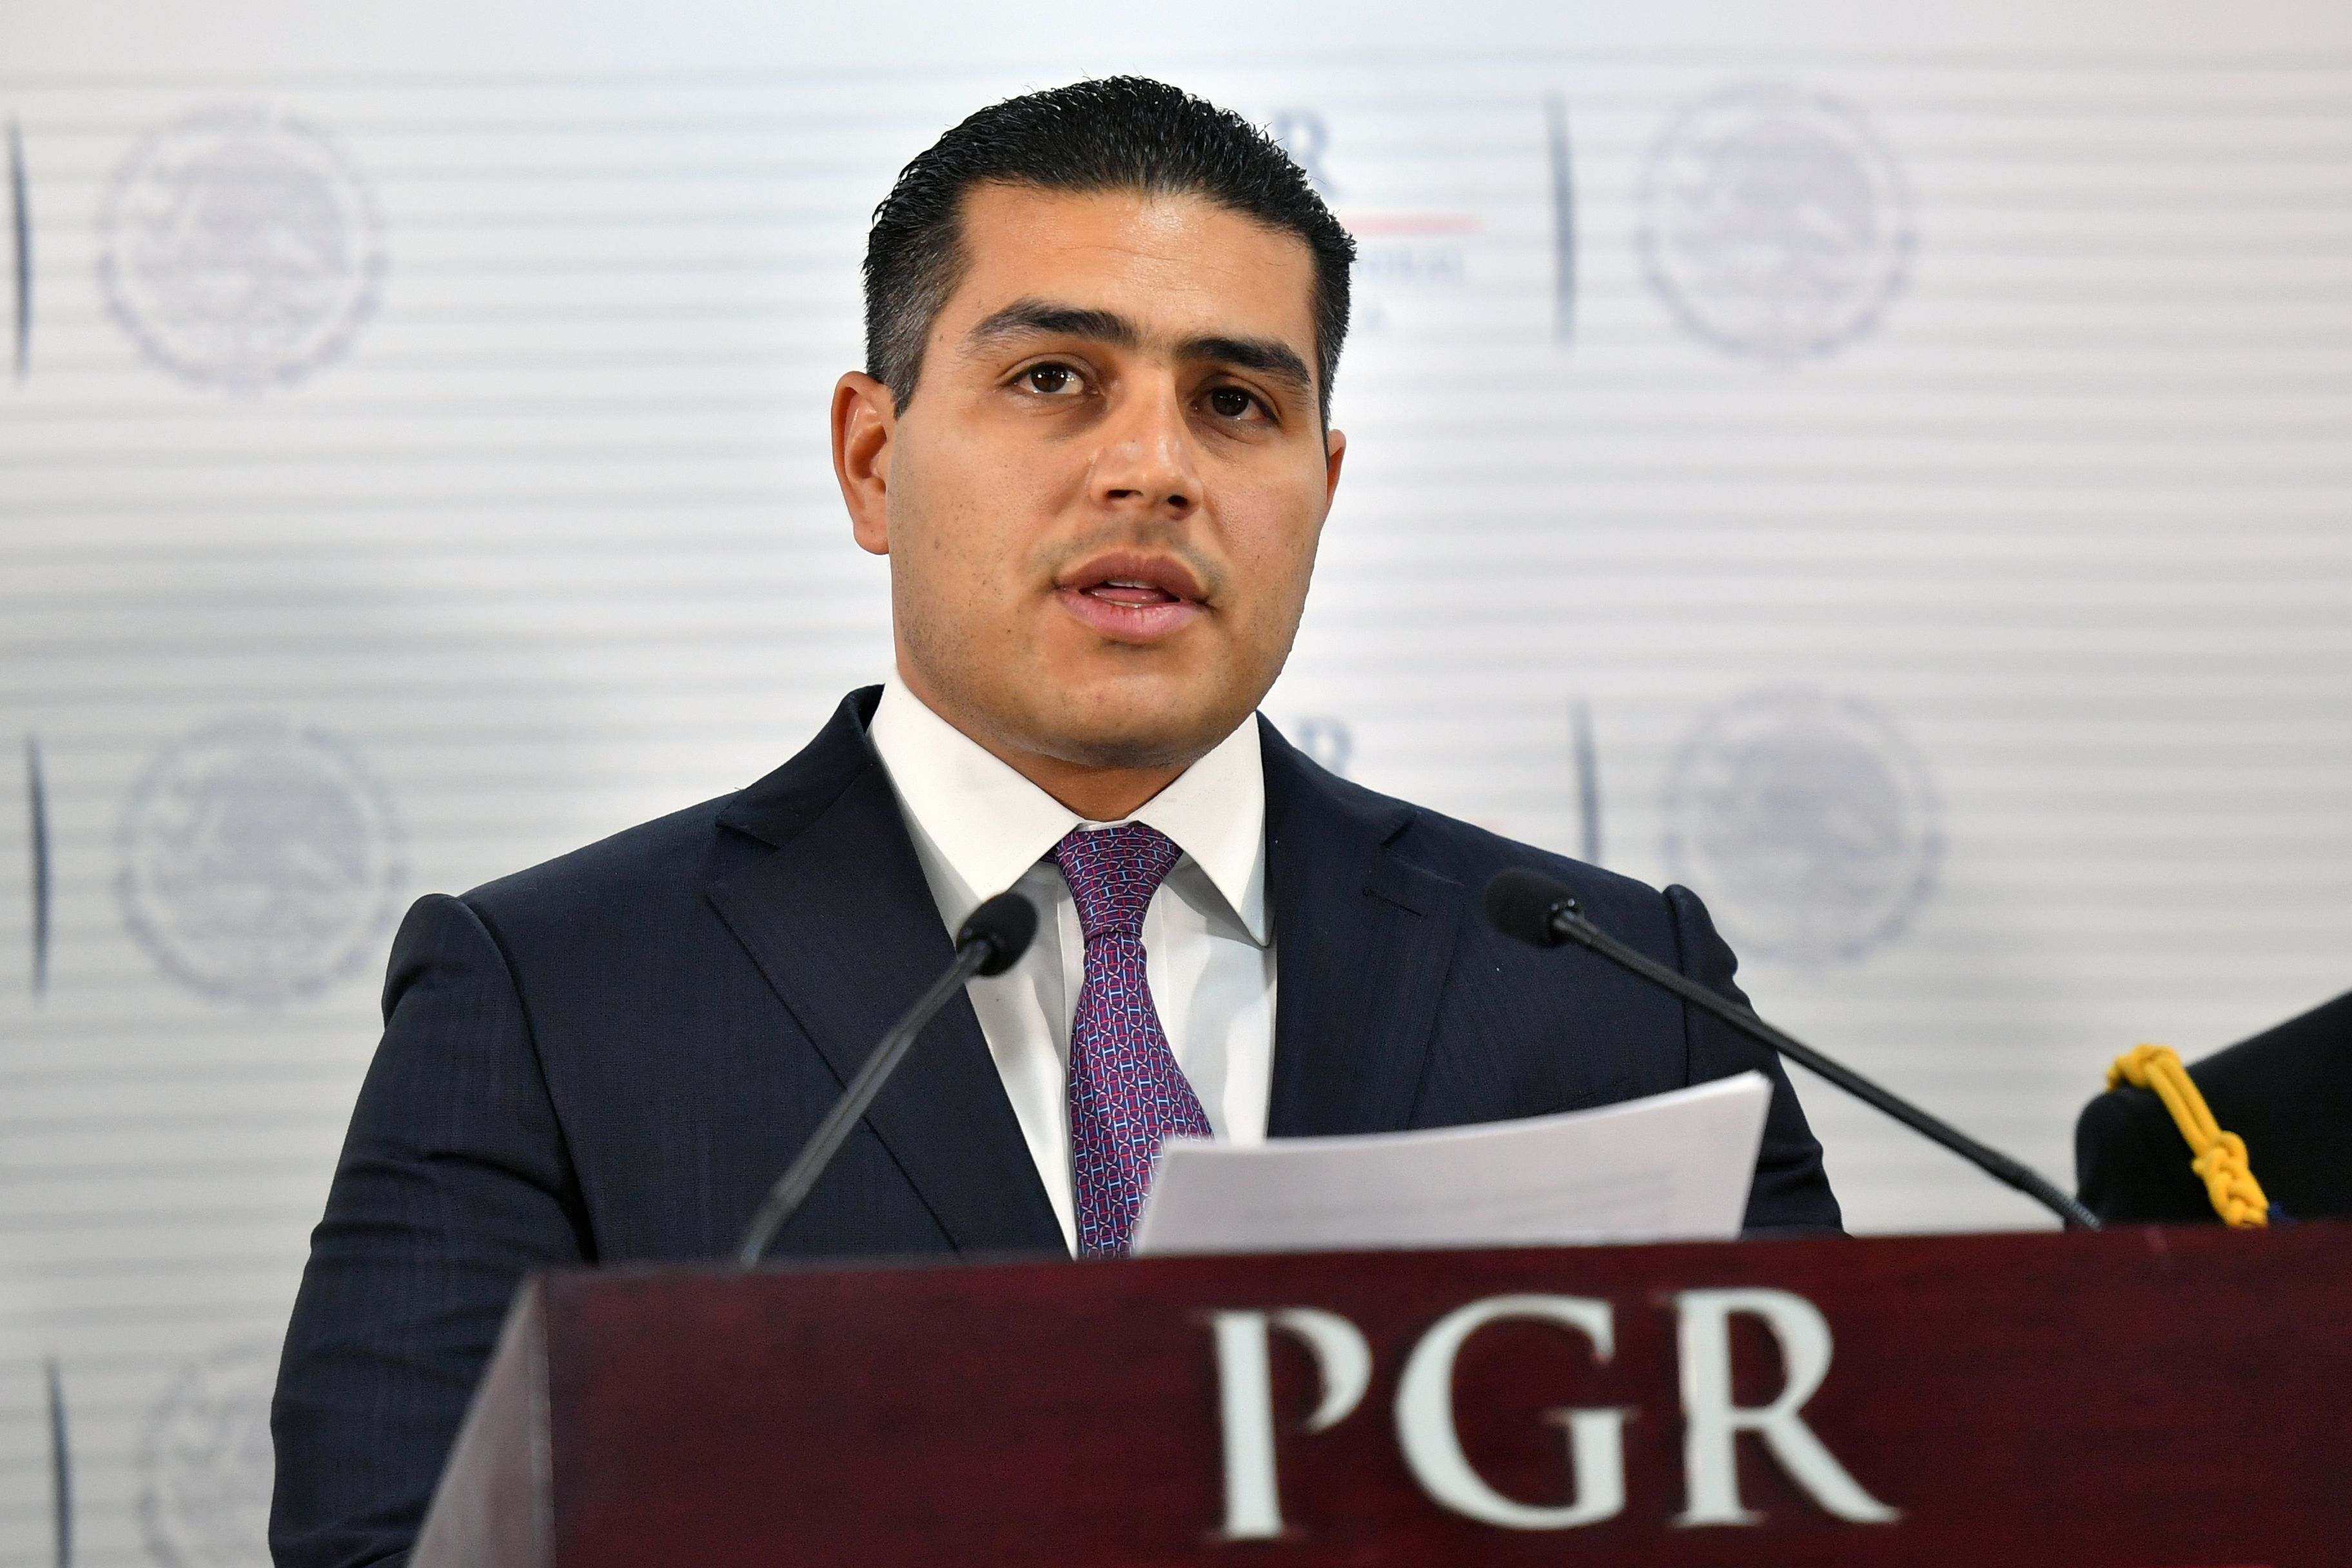 Omar garcia Harfuch -mexico - 29062020